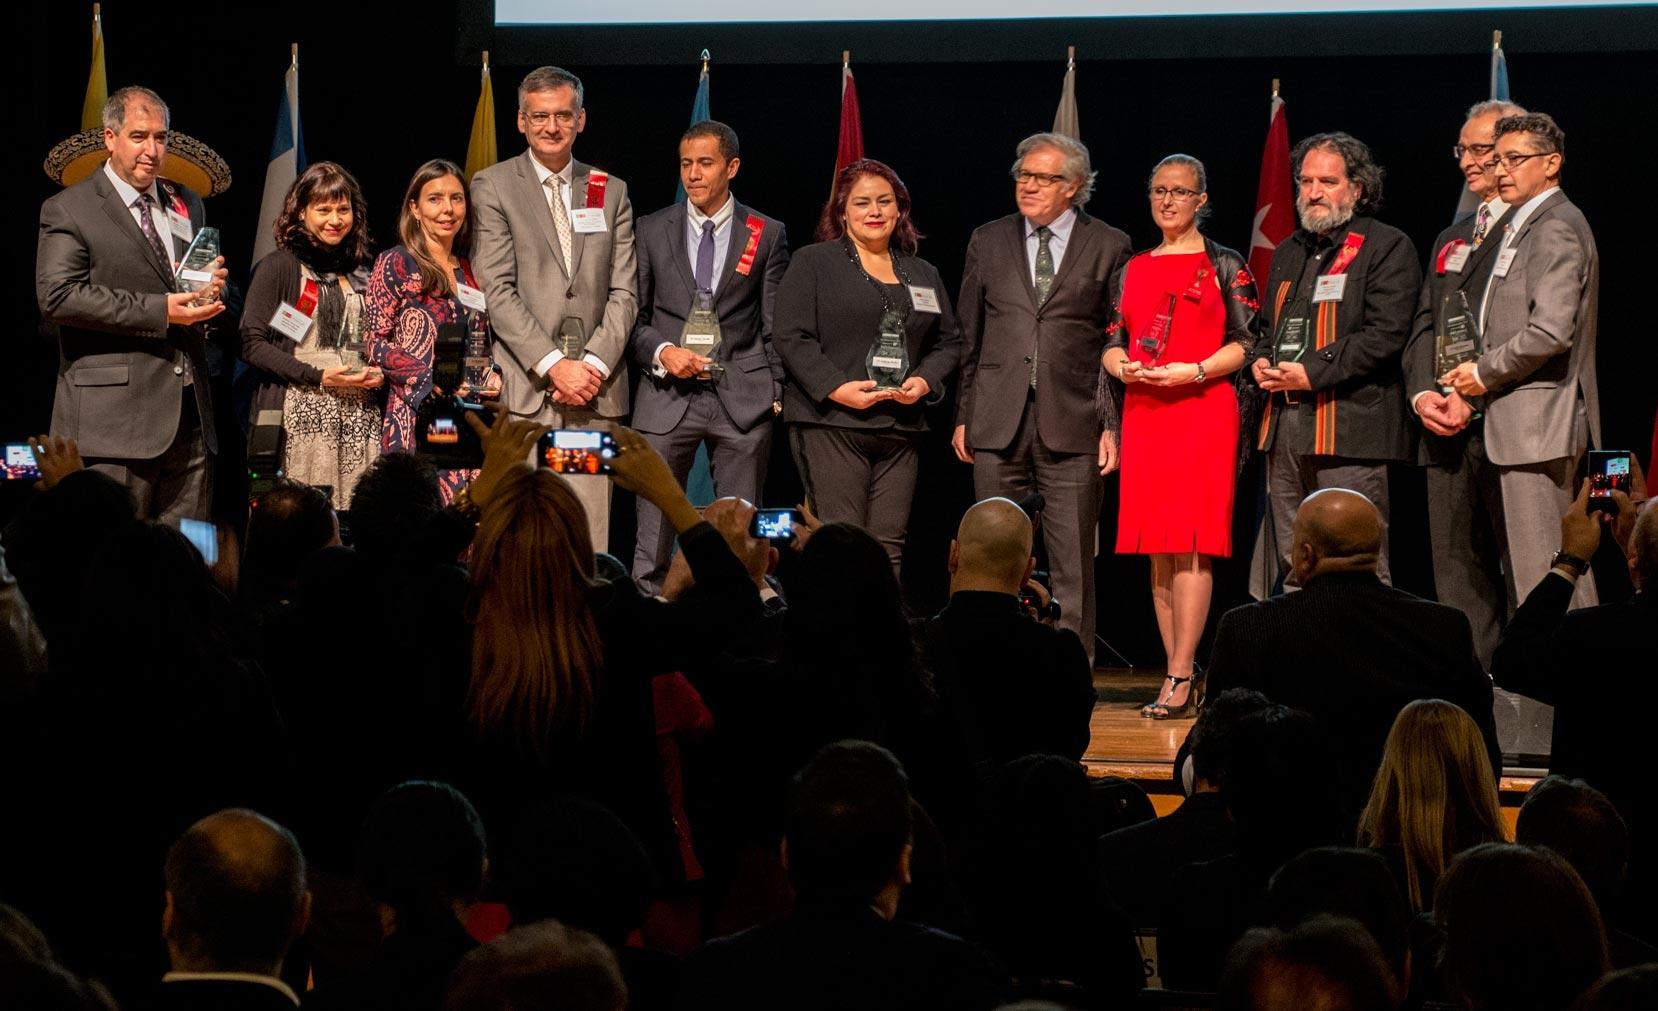 Estos son los 10 hispano-canadienses más influyentes del año